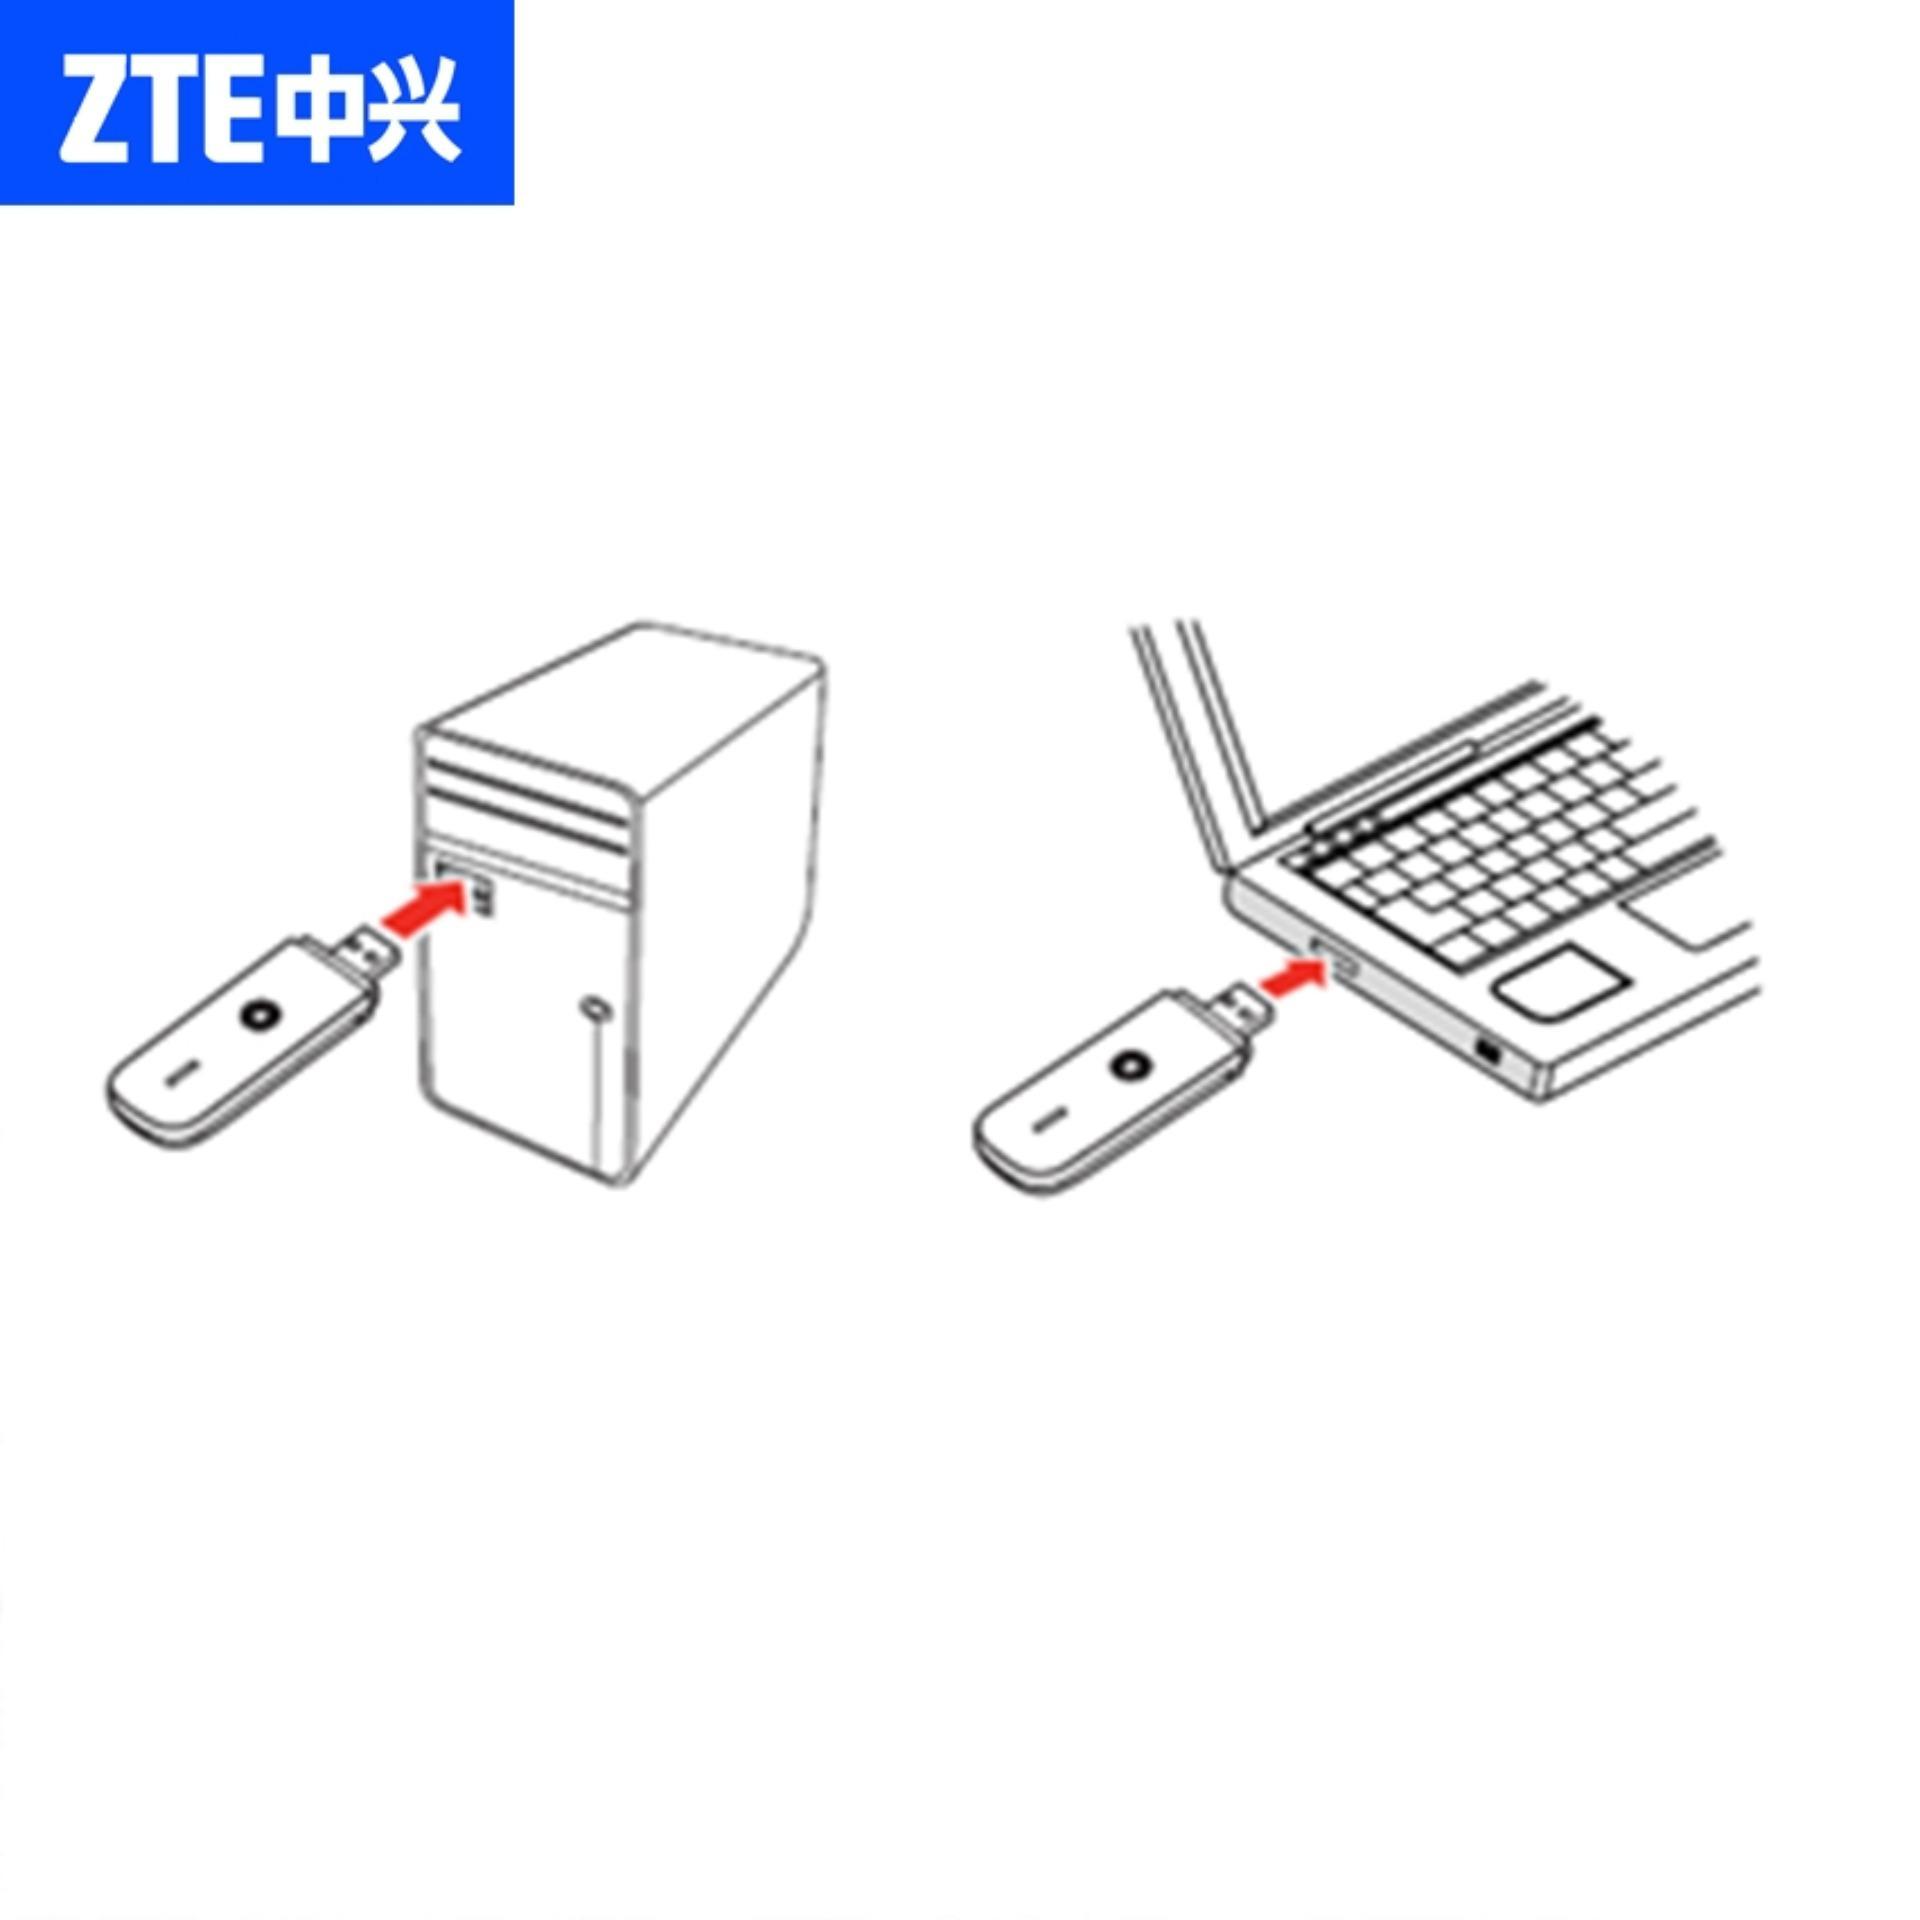 ZTE MF190 USB Modem 7.2Mbps 2 In 1 - Black/White + Free Kartu